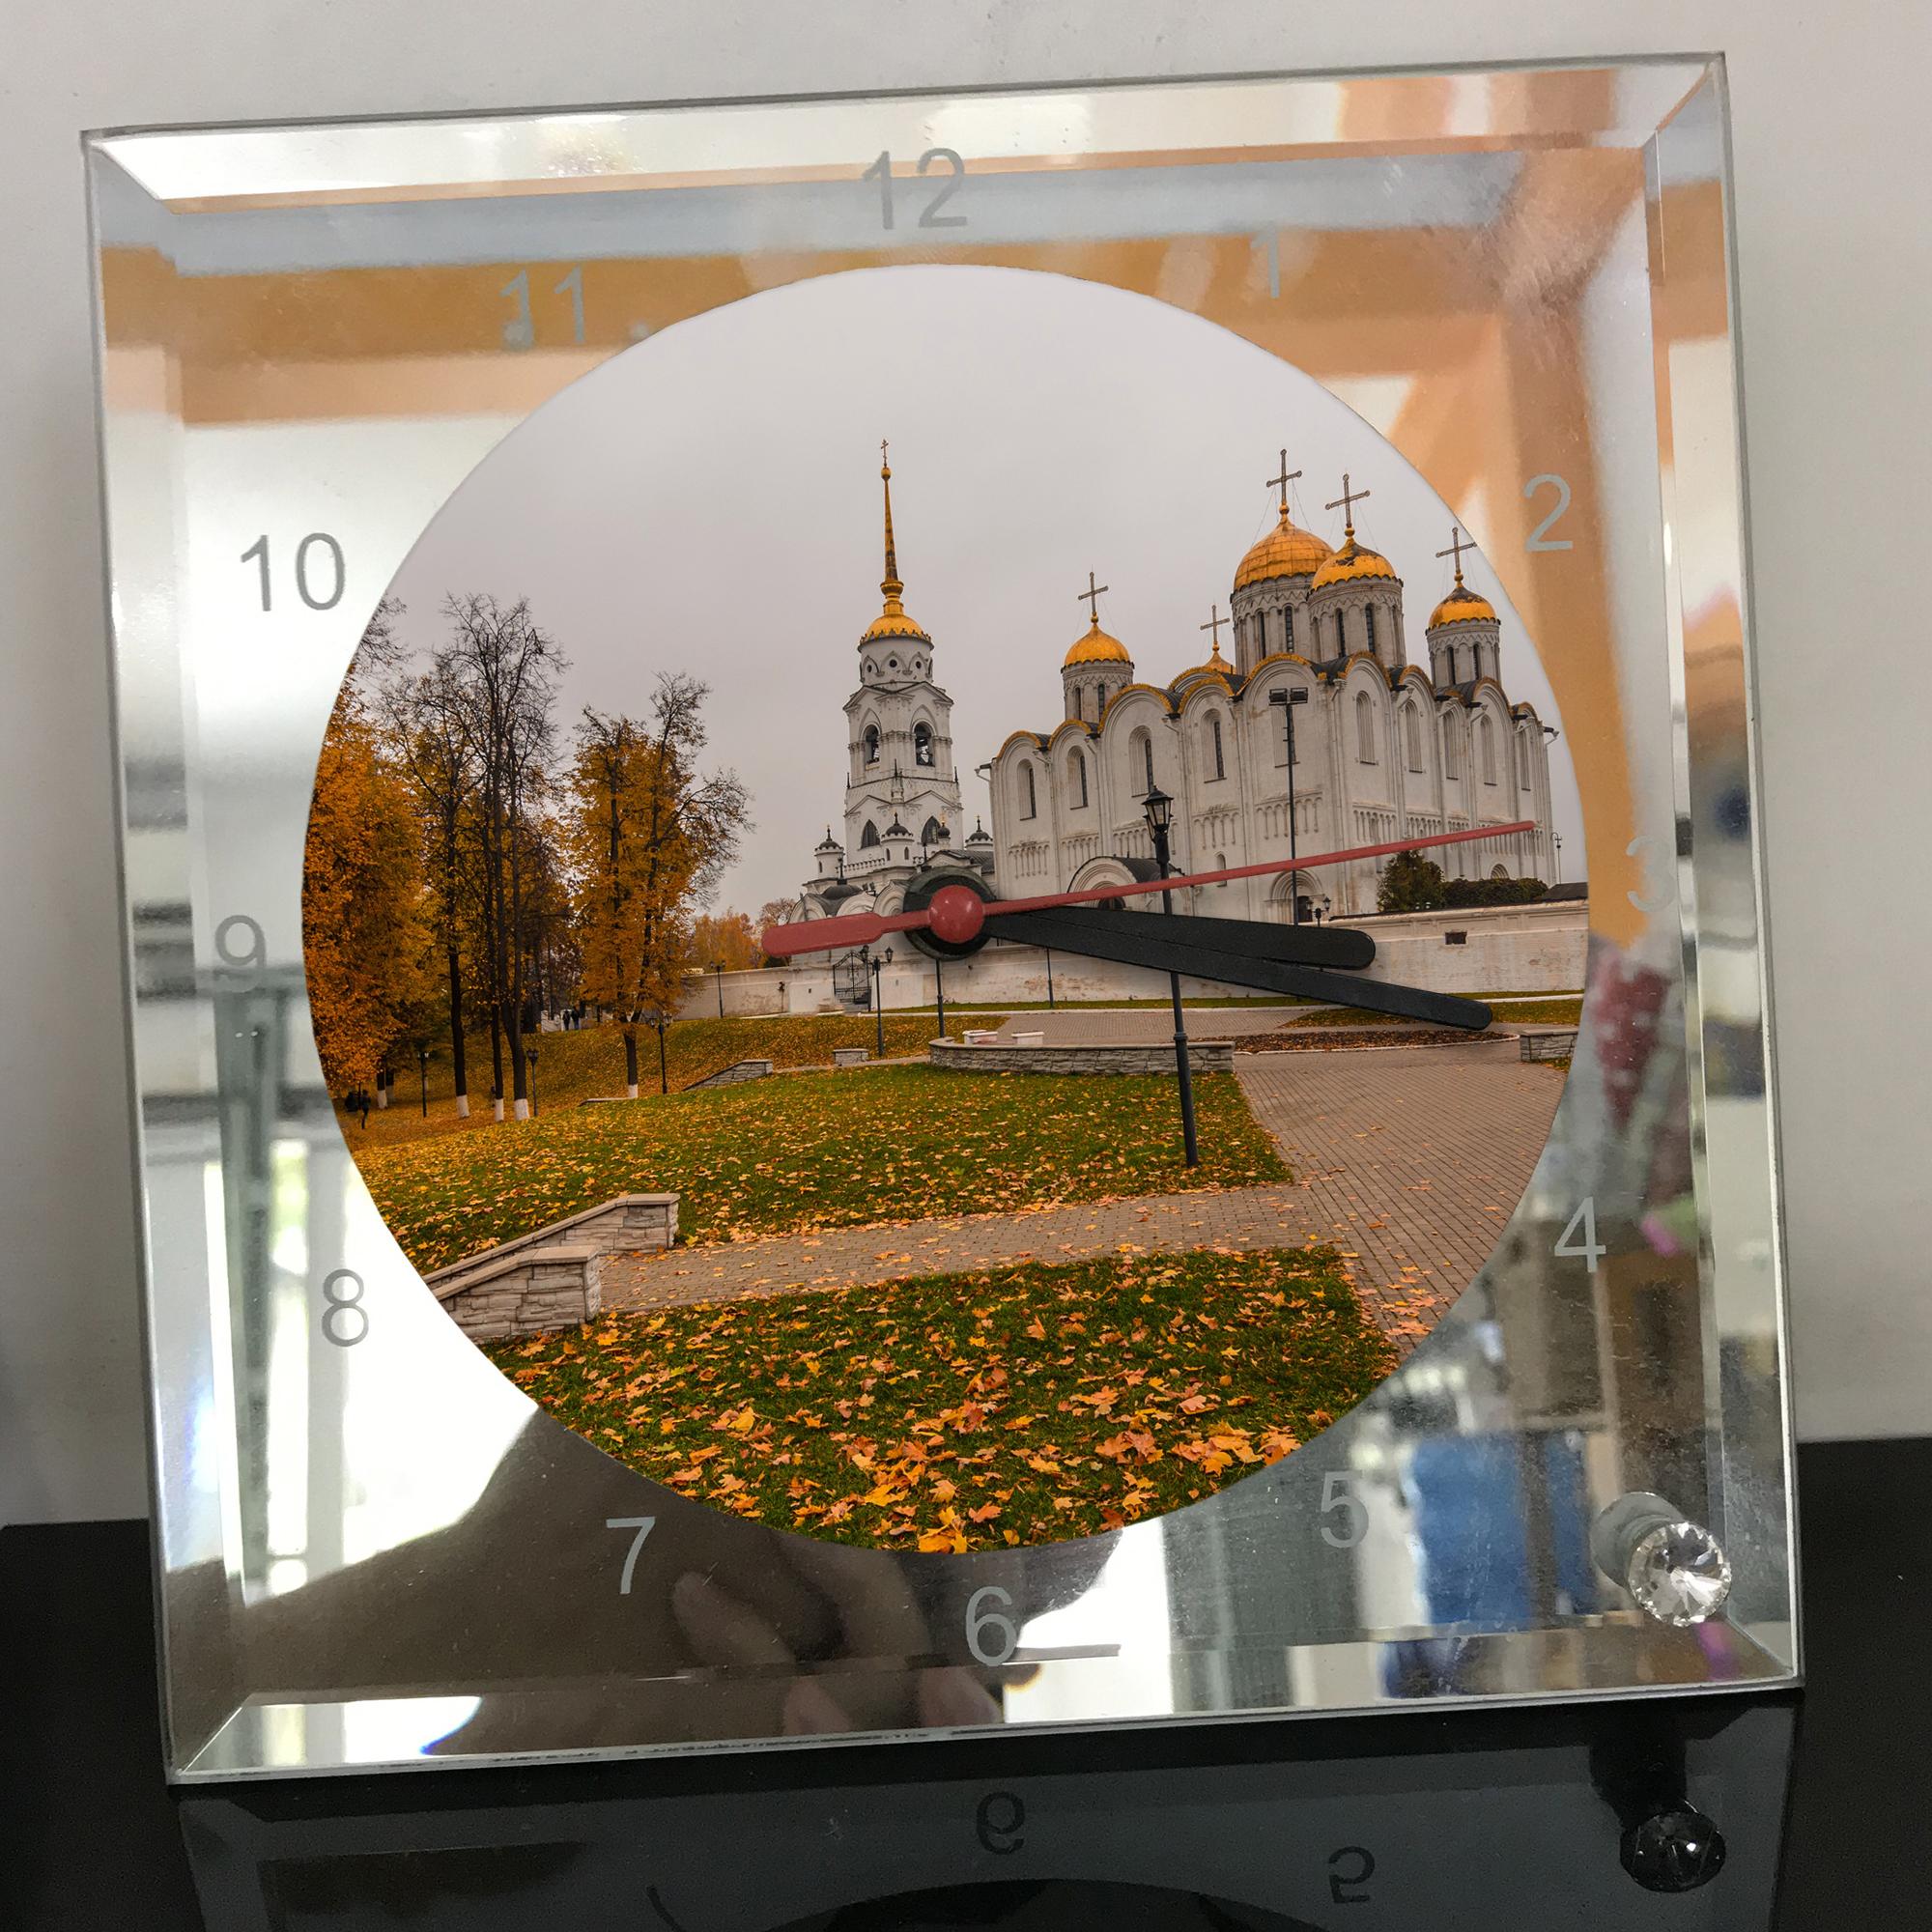 Đồng hồ thủy tinh vuông 20x20 in hình Cathedral - nhà thờ chính tòa (9) . Đồng hồ thủy tinh để bàn trang trí đẹp chủ đề tôn giáo